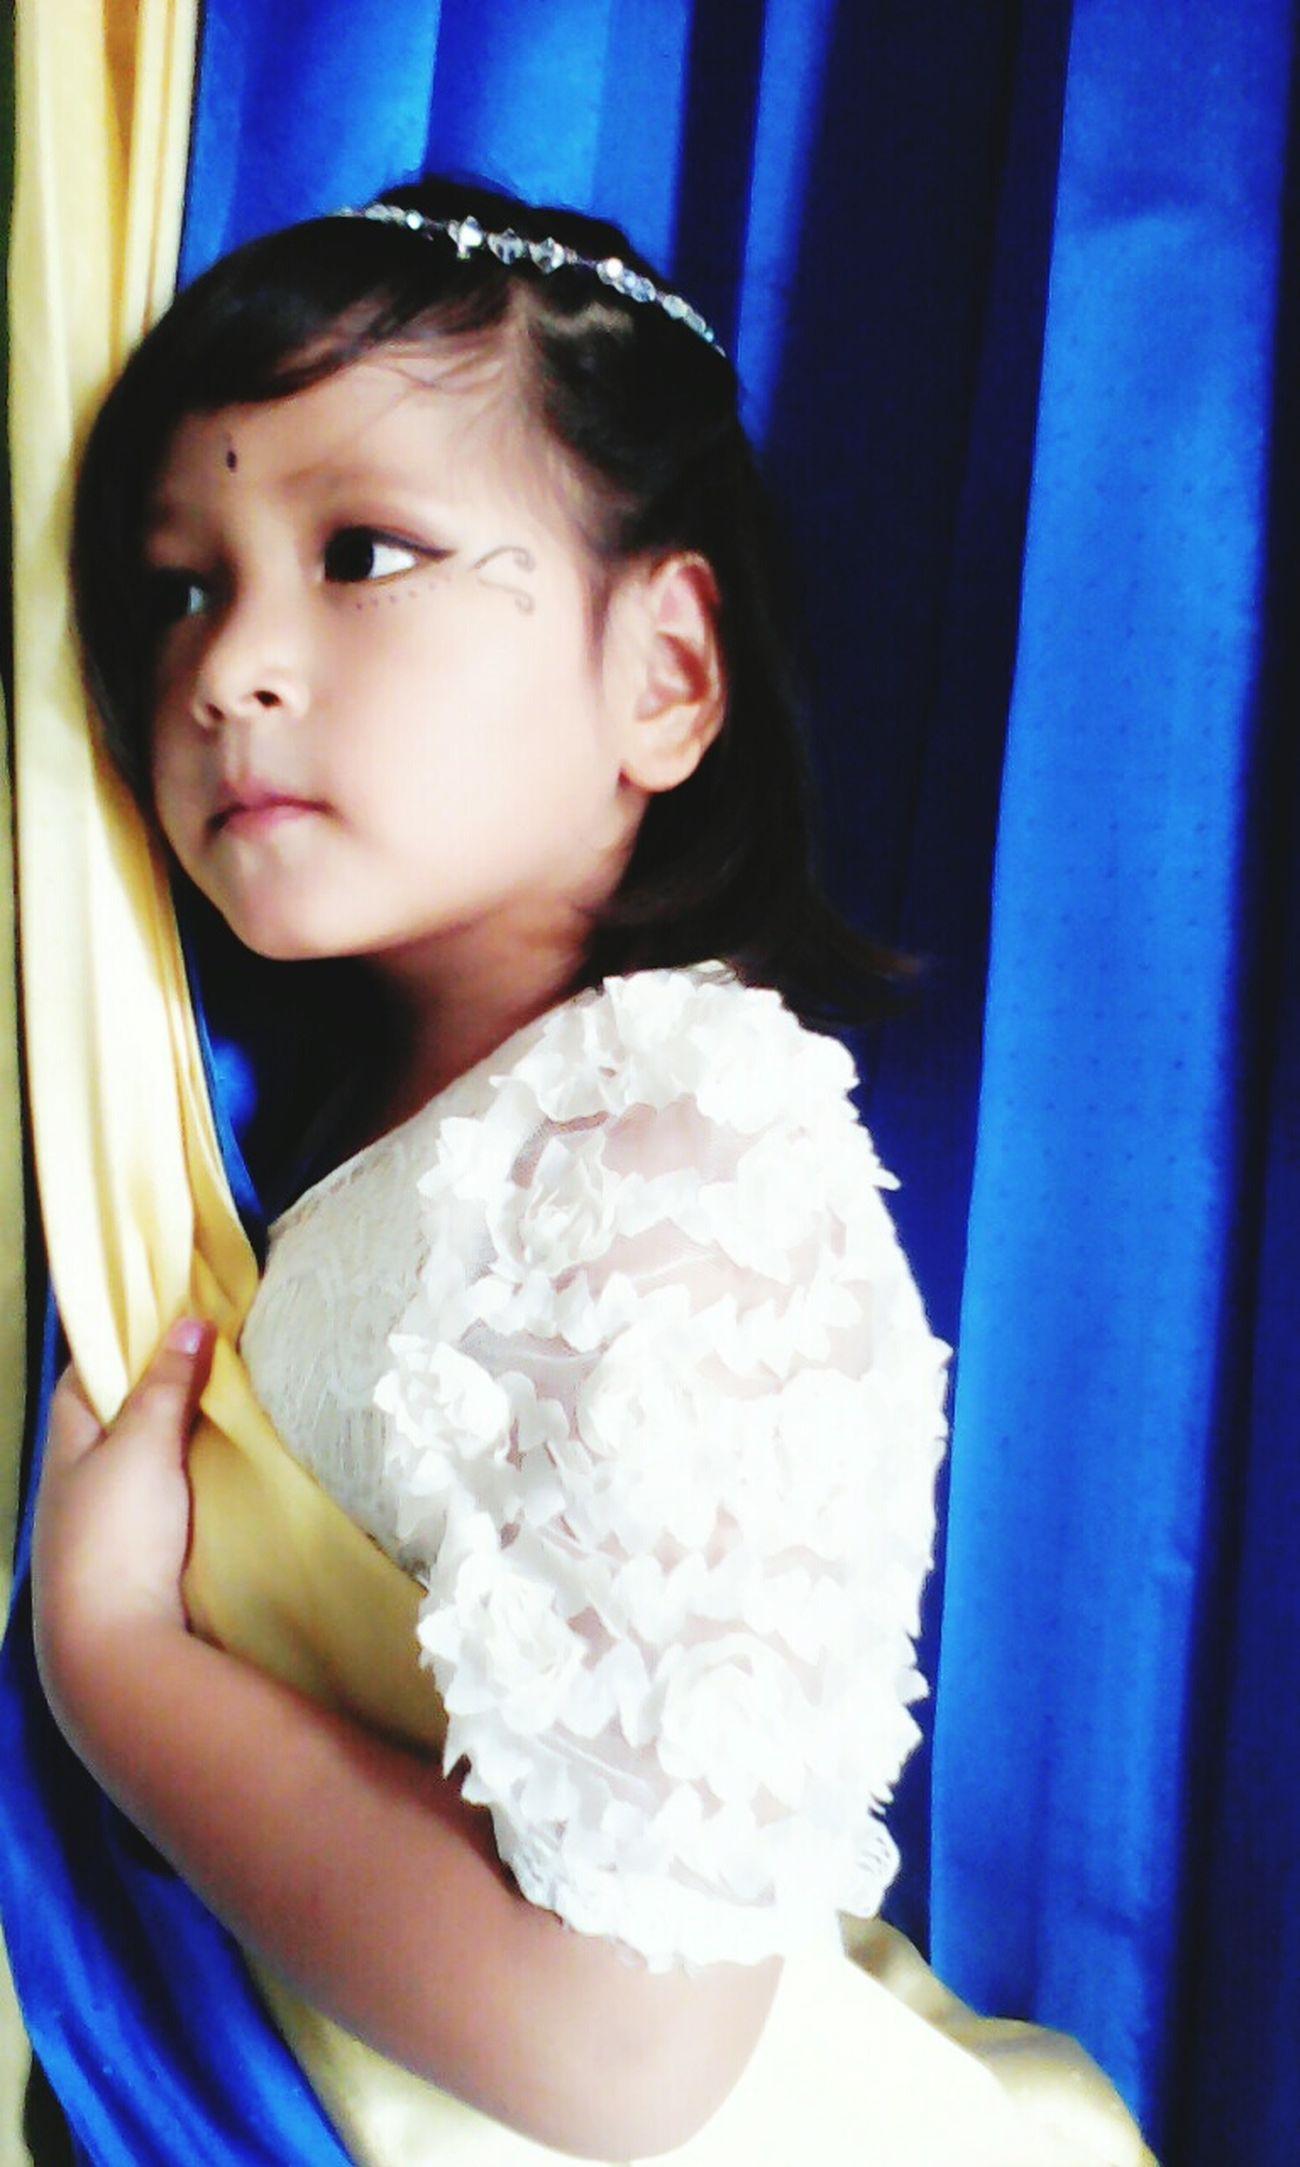 Like a angel